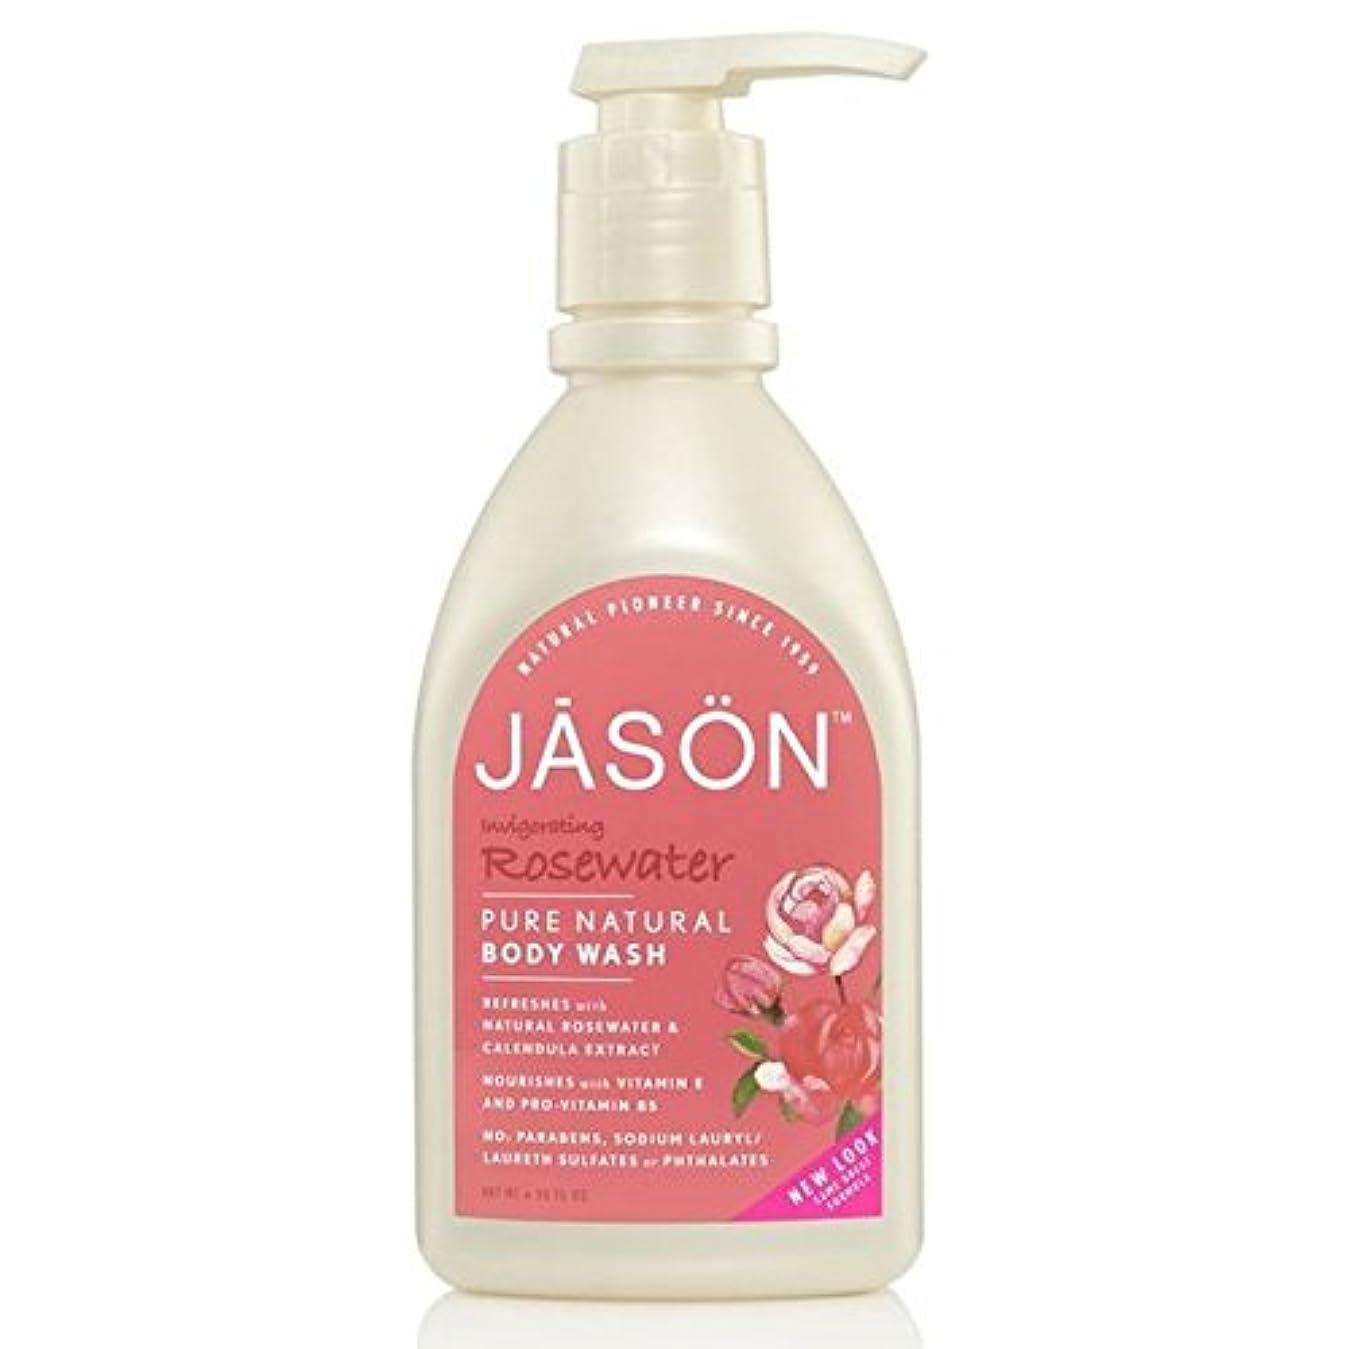 猟犬危険にさらされている指定Jason Body Wash Rosewater Satin Shower 900ml (Pack of 6) - ジェイソン?ボディウォッシュローズウォーターサテンシャワー900ミリリットル x6 [並行輸入品]